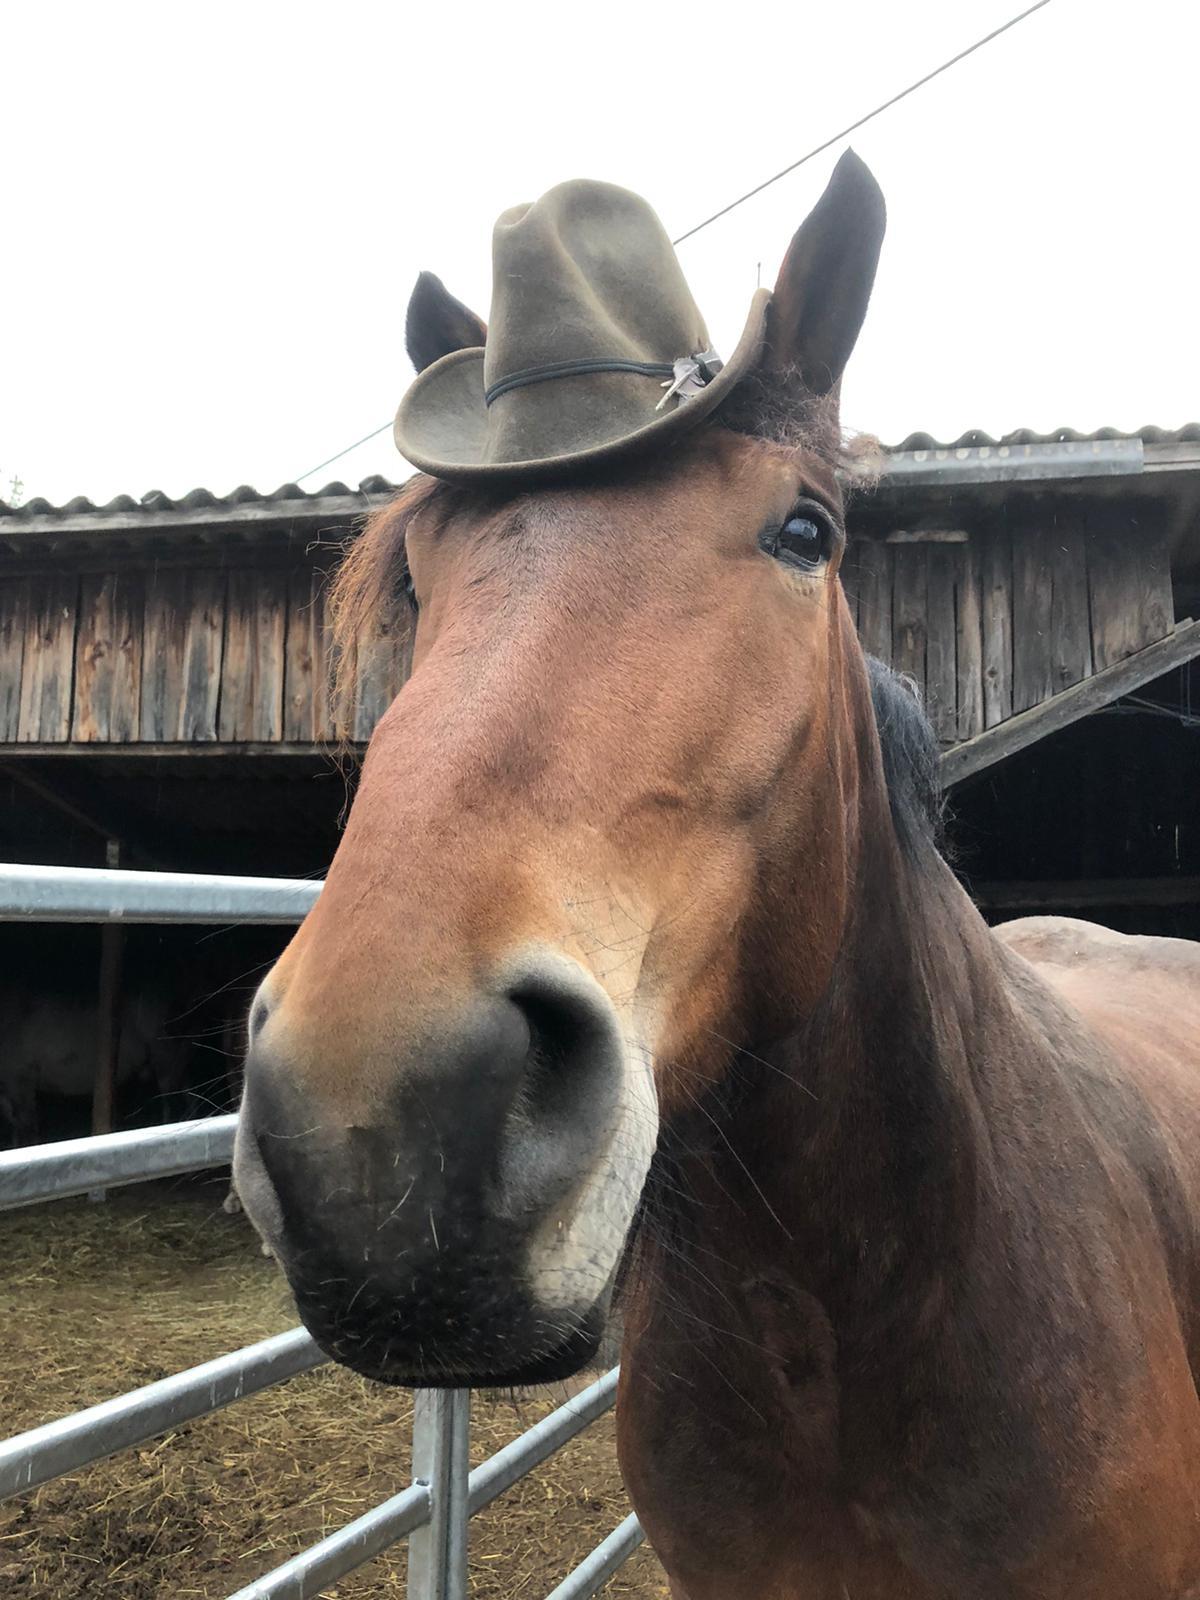 Nero, so groß mit Hut